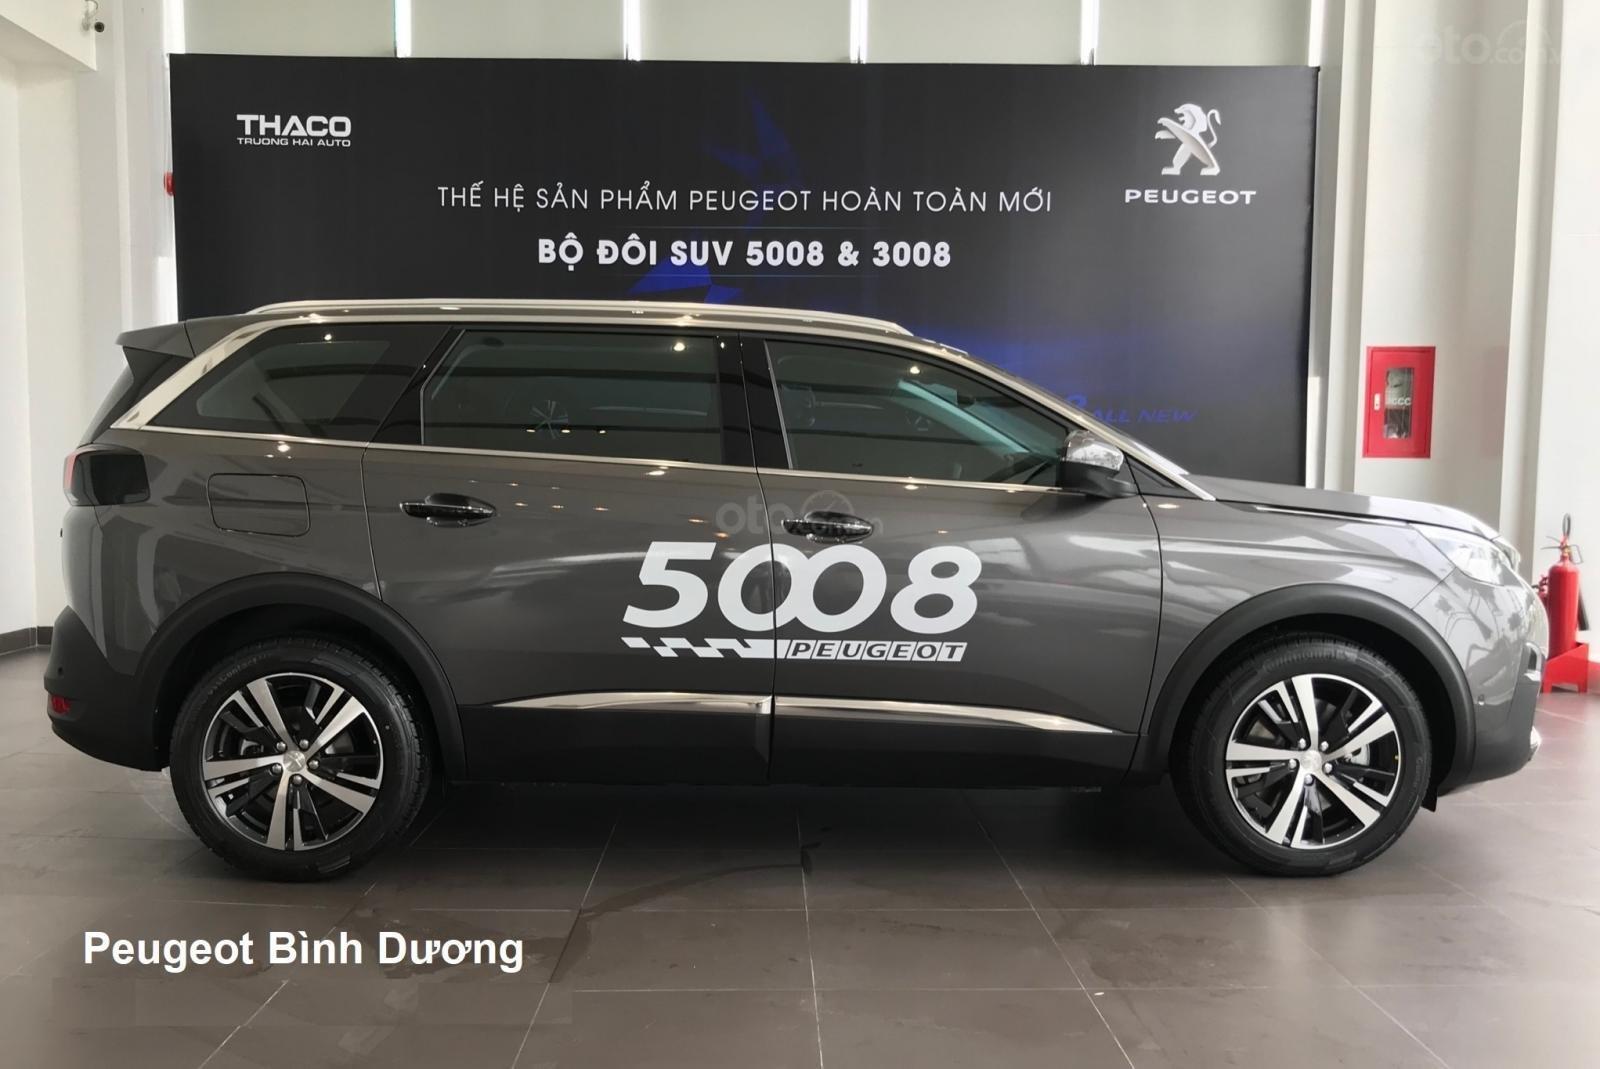 Peugeot 5008 2019 - Đủ màu, Giao xe ngay - Giá tốt nhất - 0938.901.869 (5)